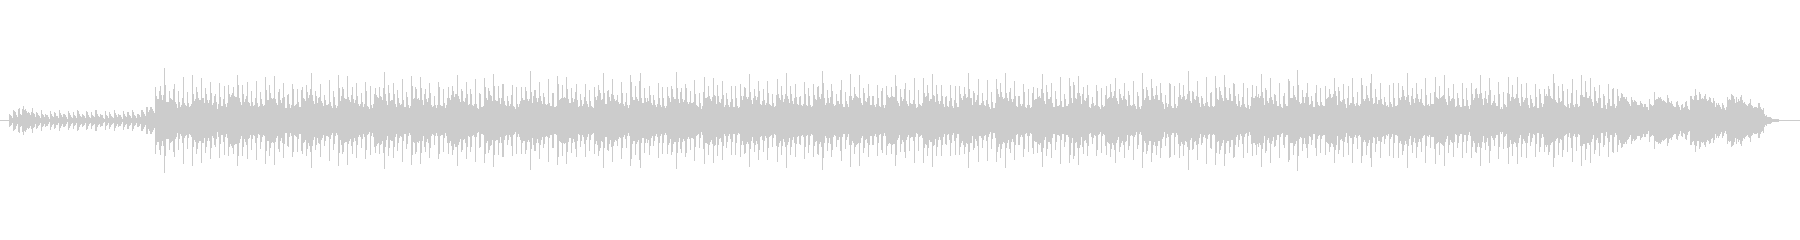 不気味なBGMの未再生の波形